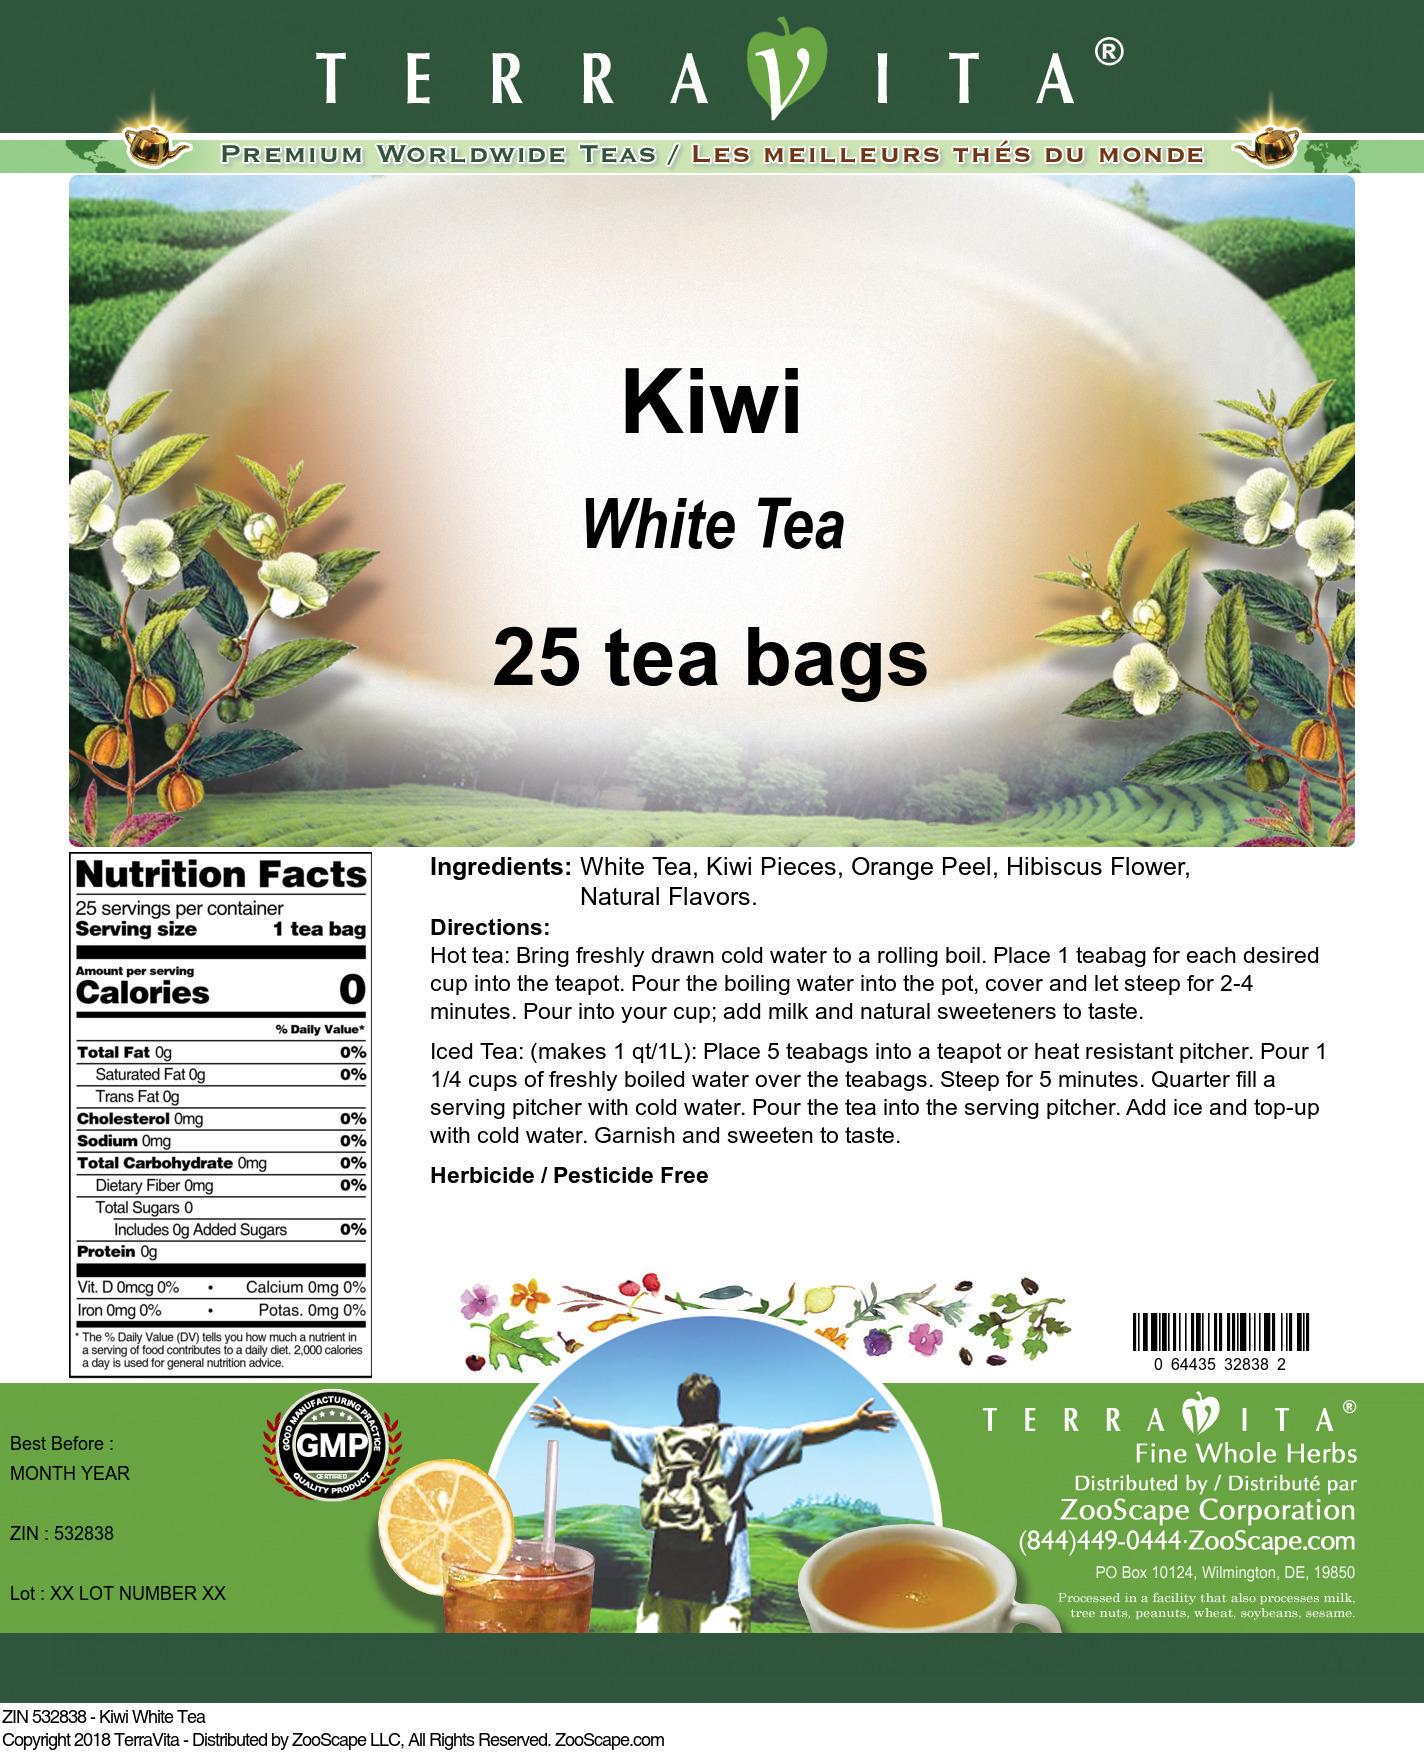 Kiwi White Tea